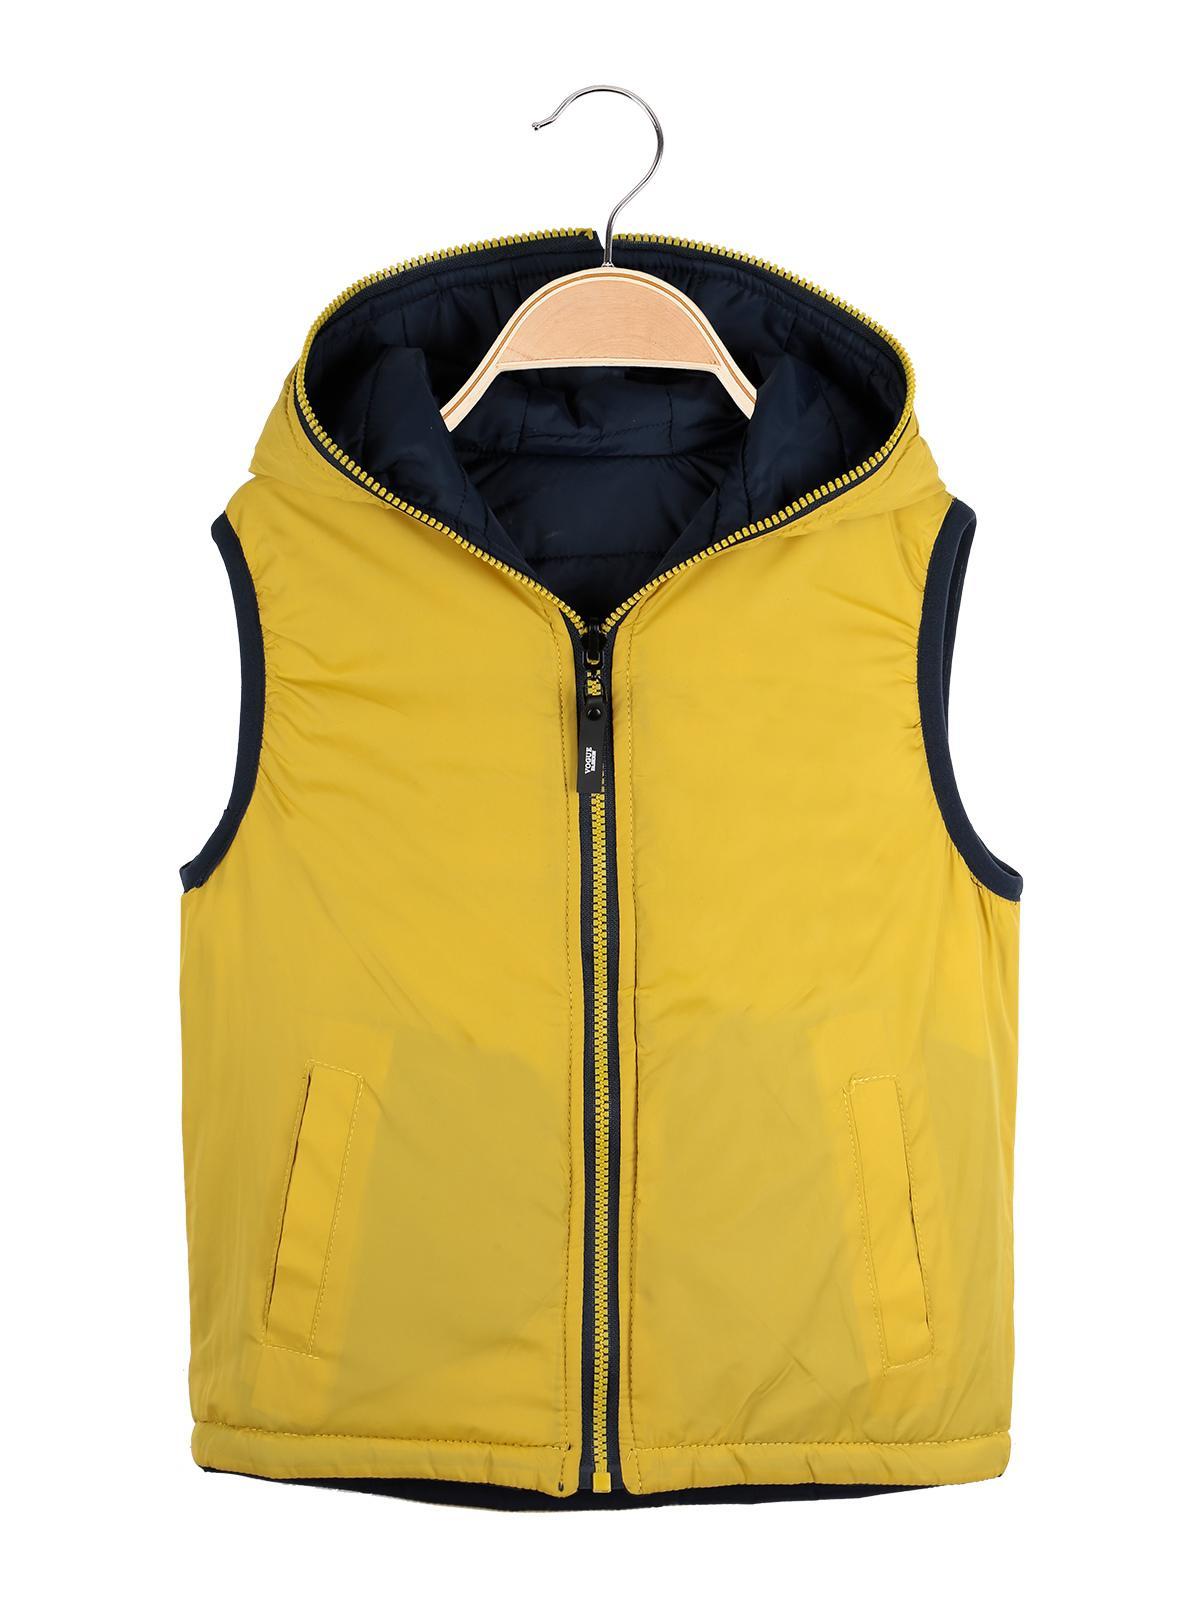 detailed look 741c7 d3352 Smanicato imbottito con cappuccio - reversibile blu/giallo ...